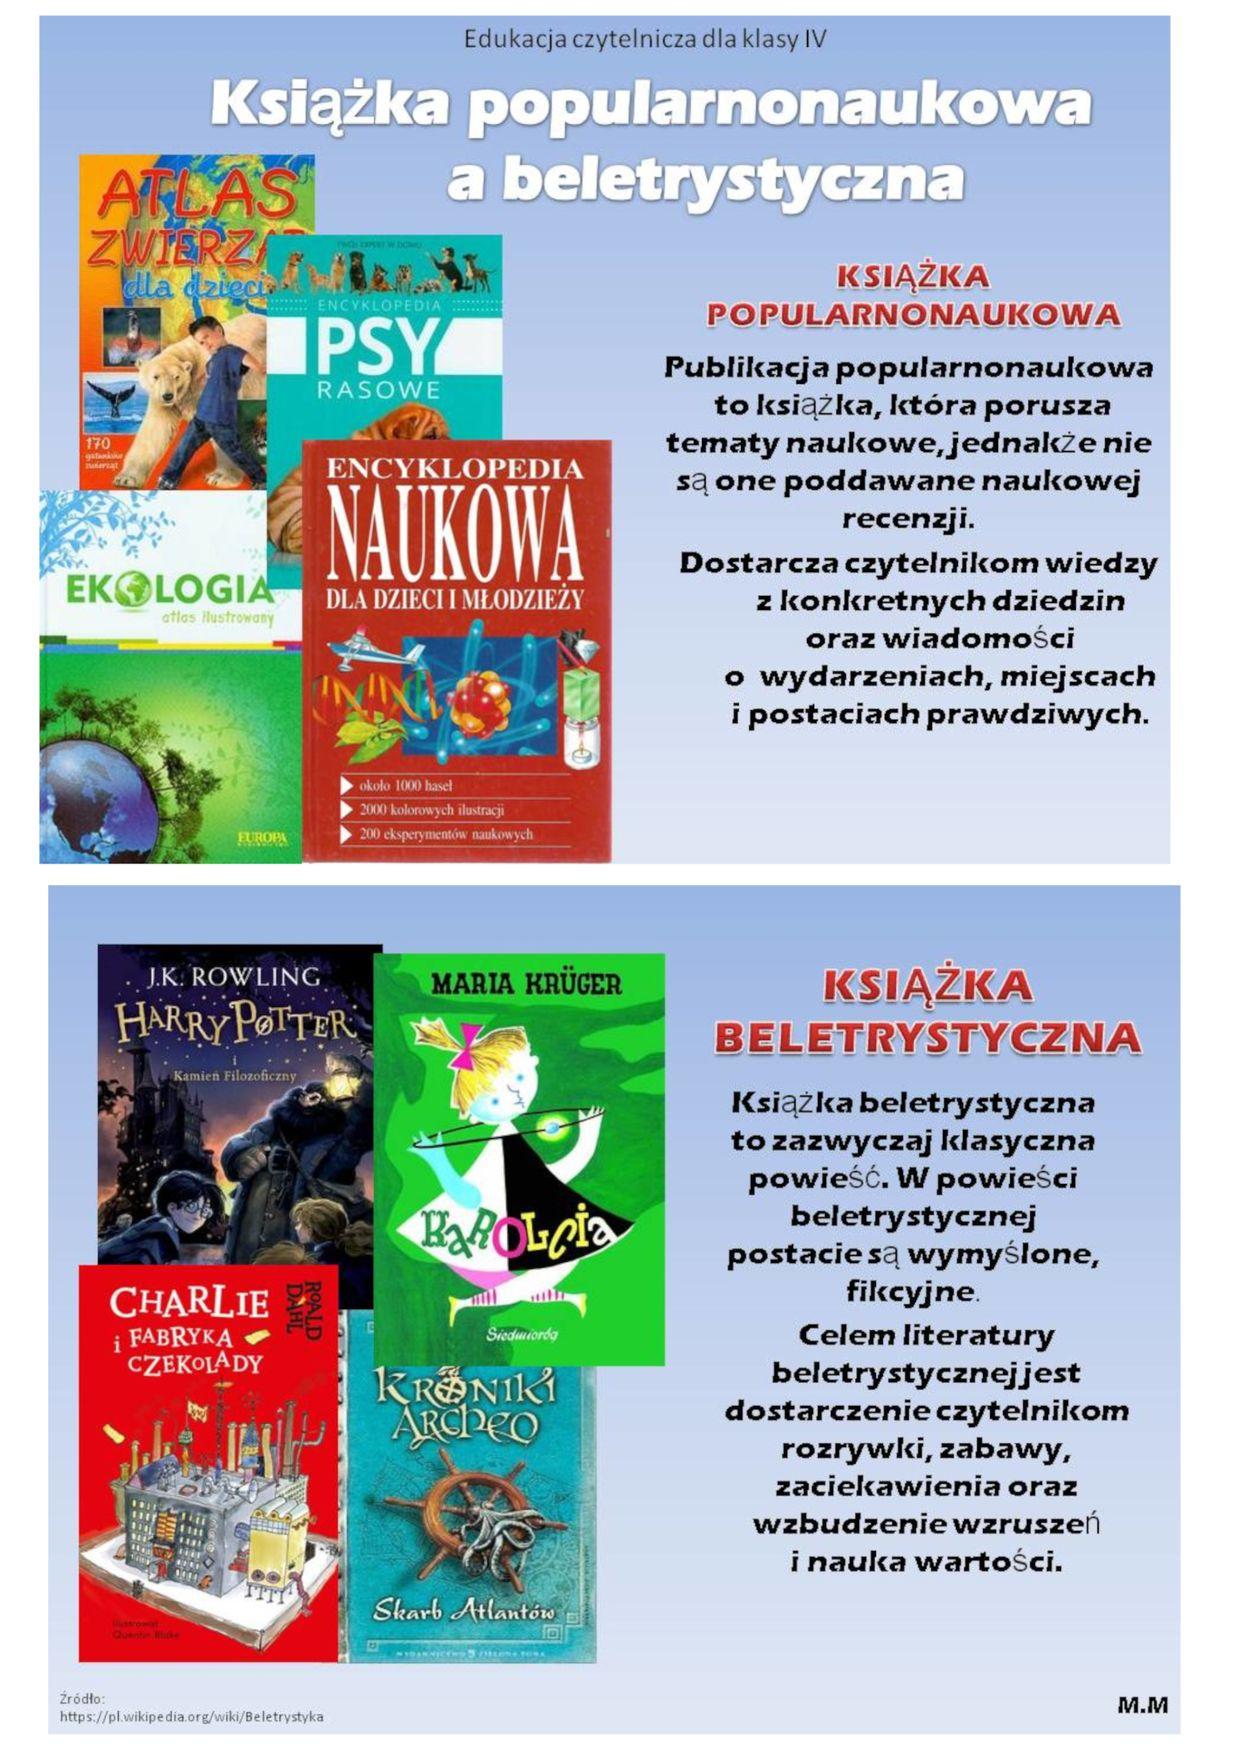 Książka popularnonaukowa a beletrystyczna